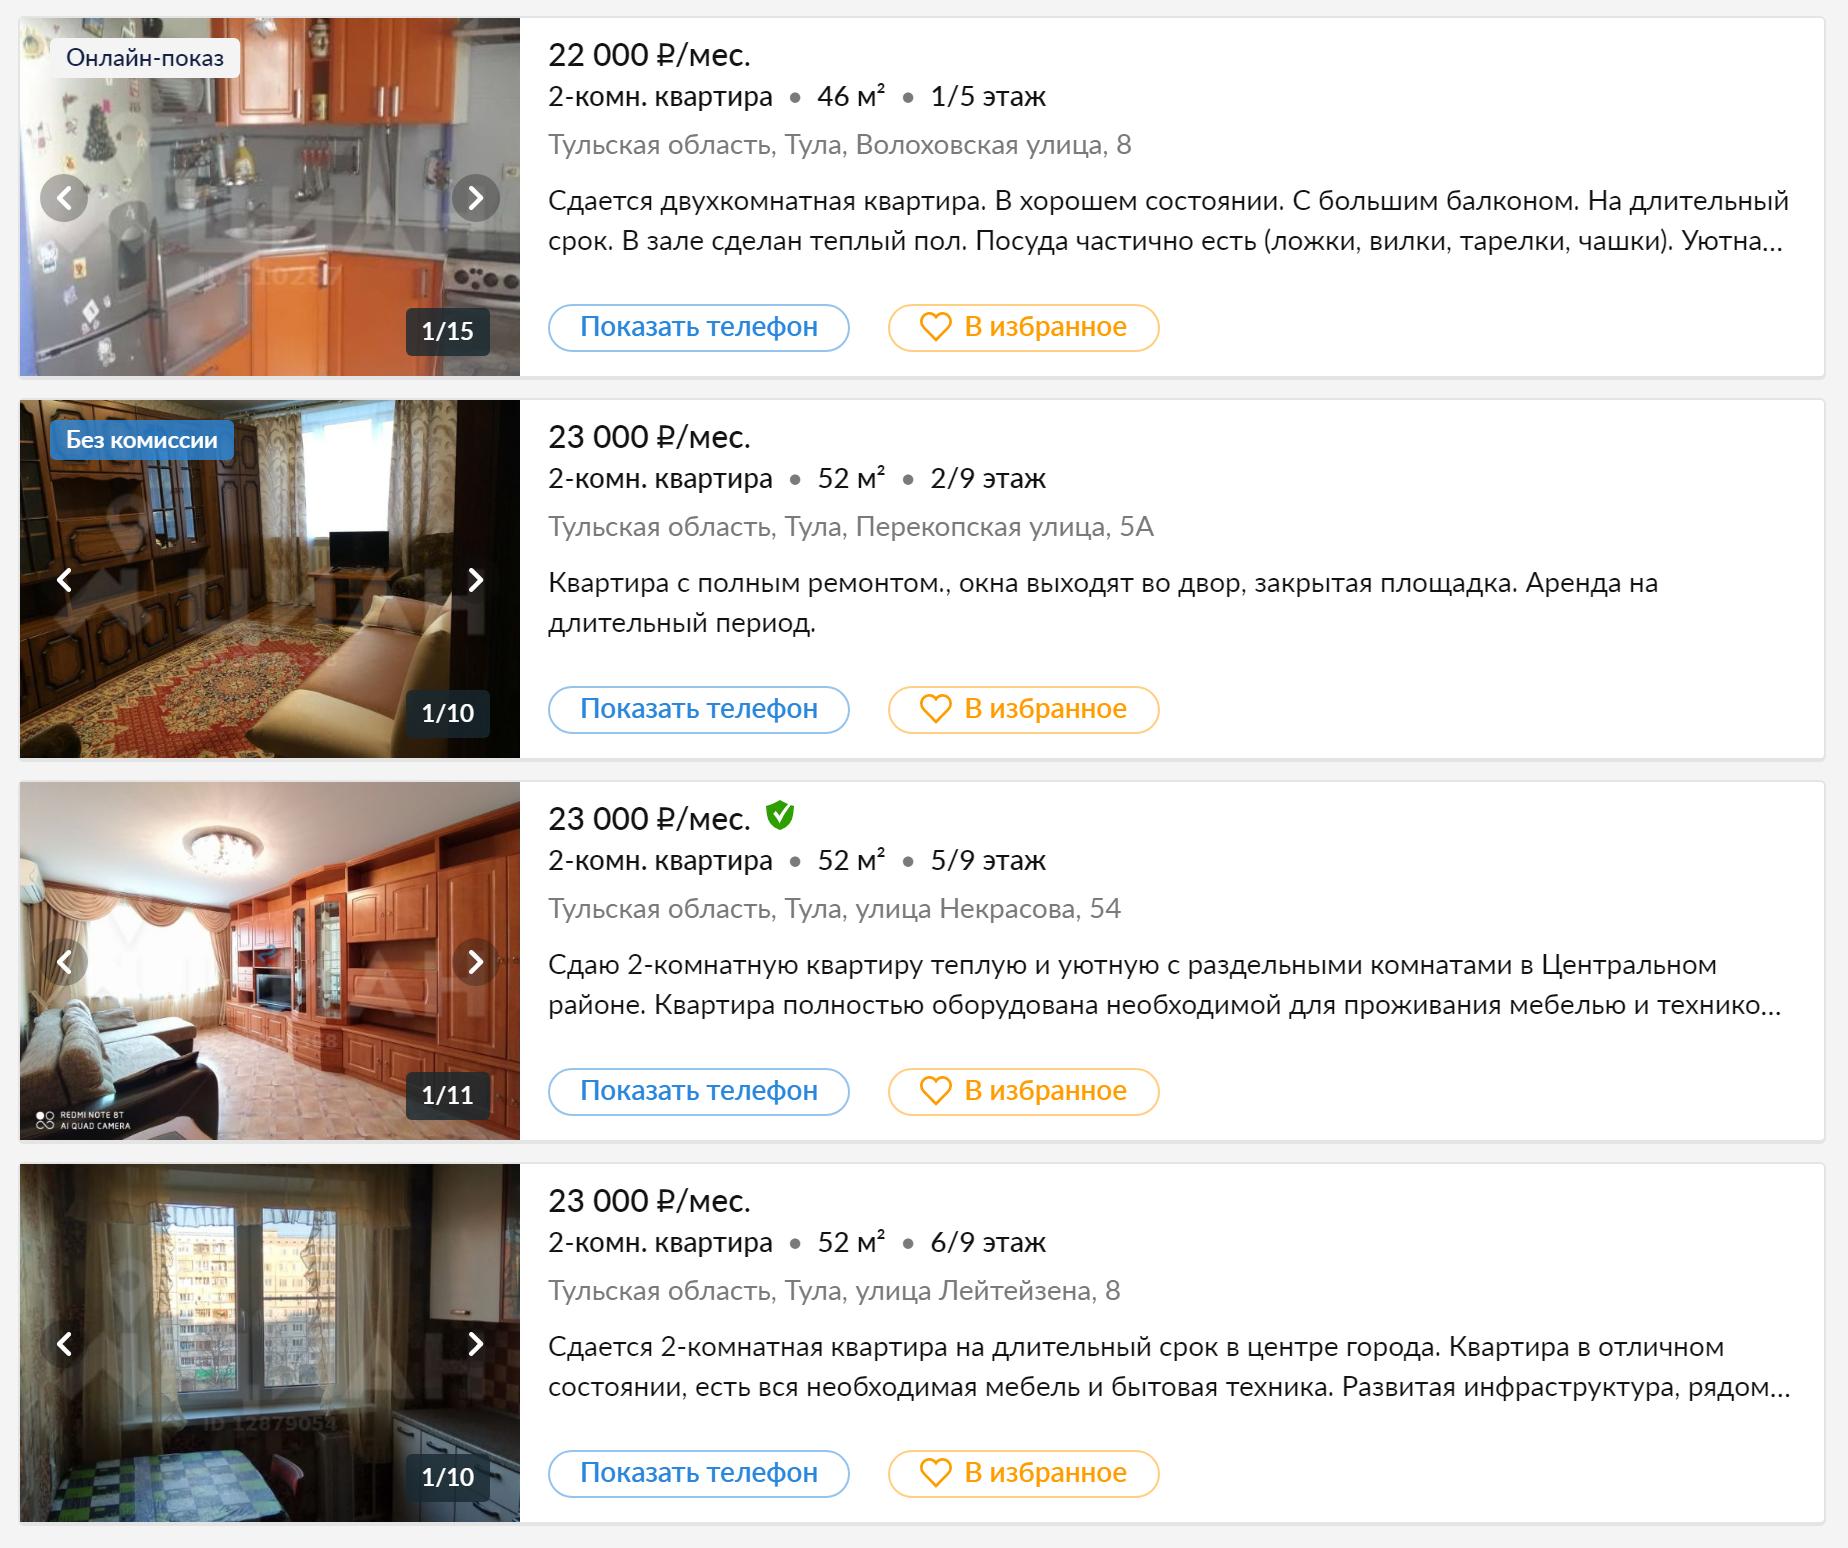 Двушки в центральной части города сдаются за 20—30 тысяч, но цена сильно зависит от состояния квартиры